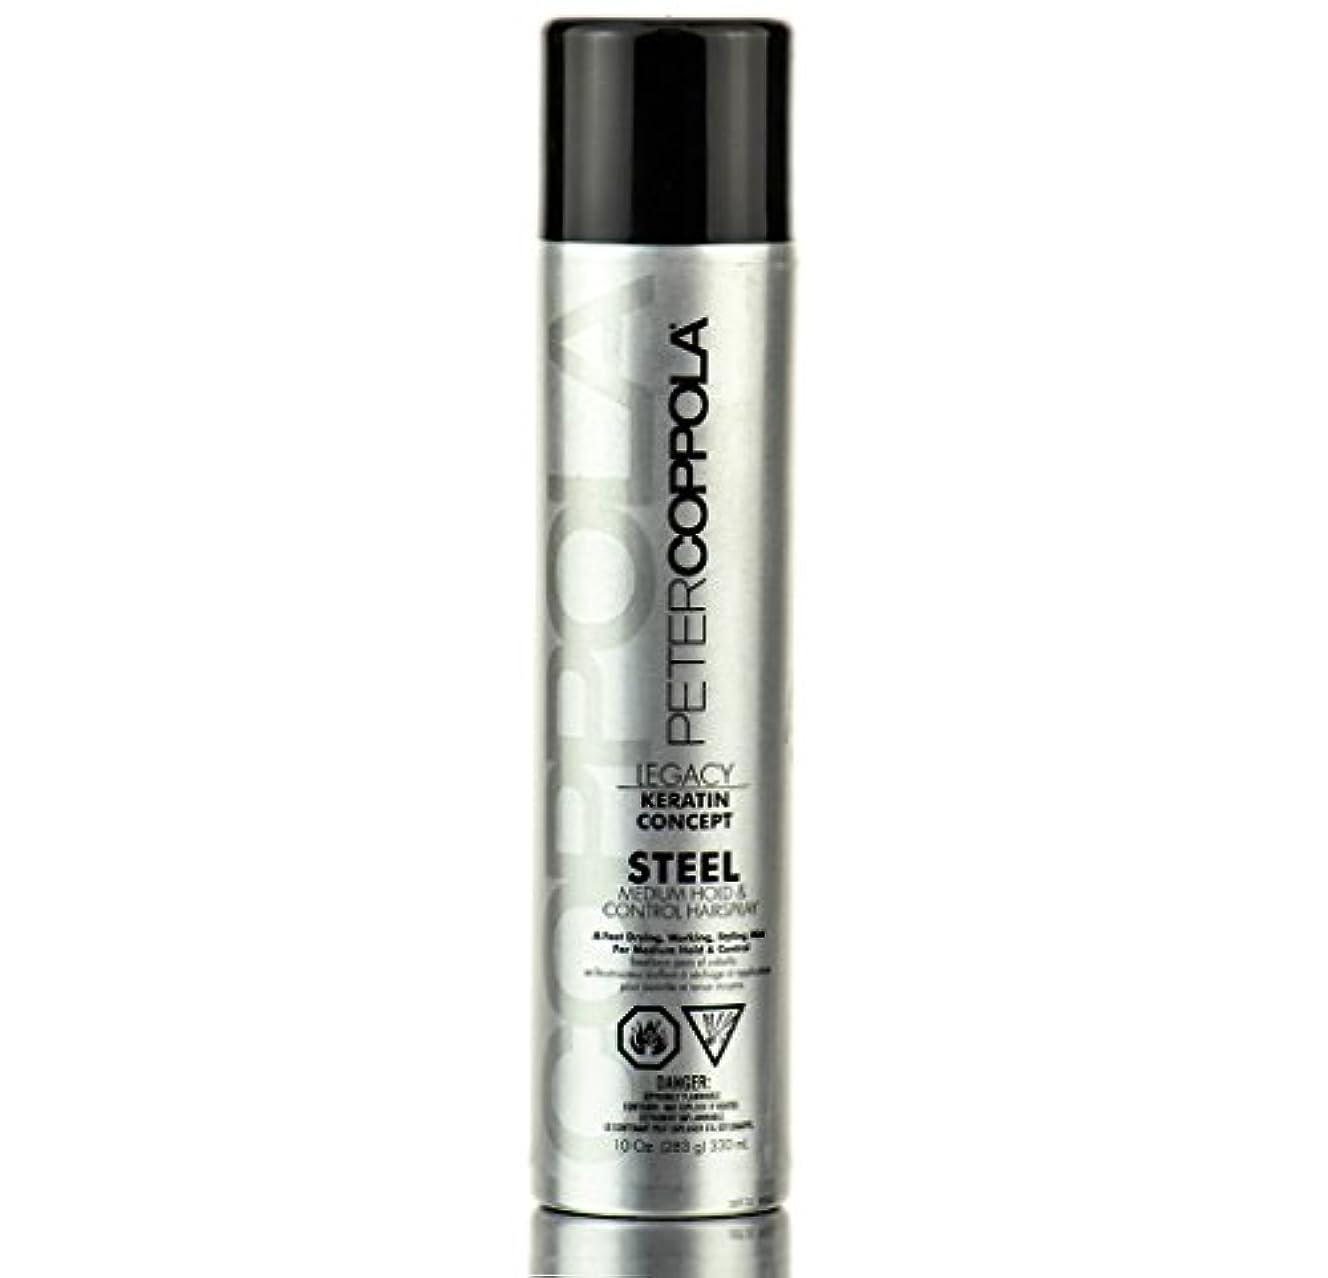 富豪スリチンモイ遵守するPeter Coppola スチールヘアスプレー - 軽量、ミディアムホールド、柔軟なホールドは、スタイリングヘアボリューム&スタイリングのすべての髪のタイプを追加するための10オンスミディアムシャインスプレー medium_hold